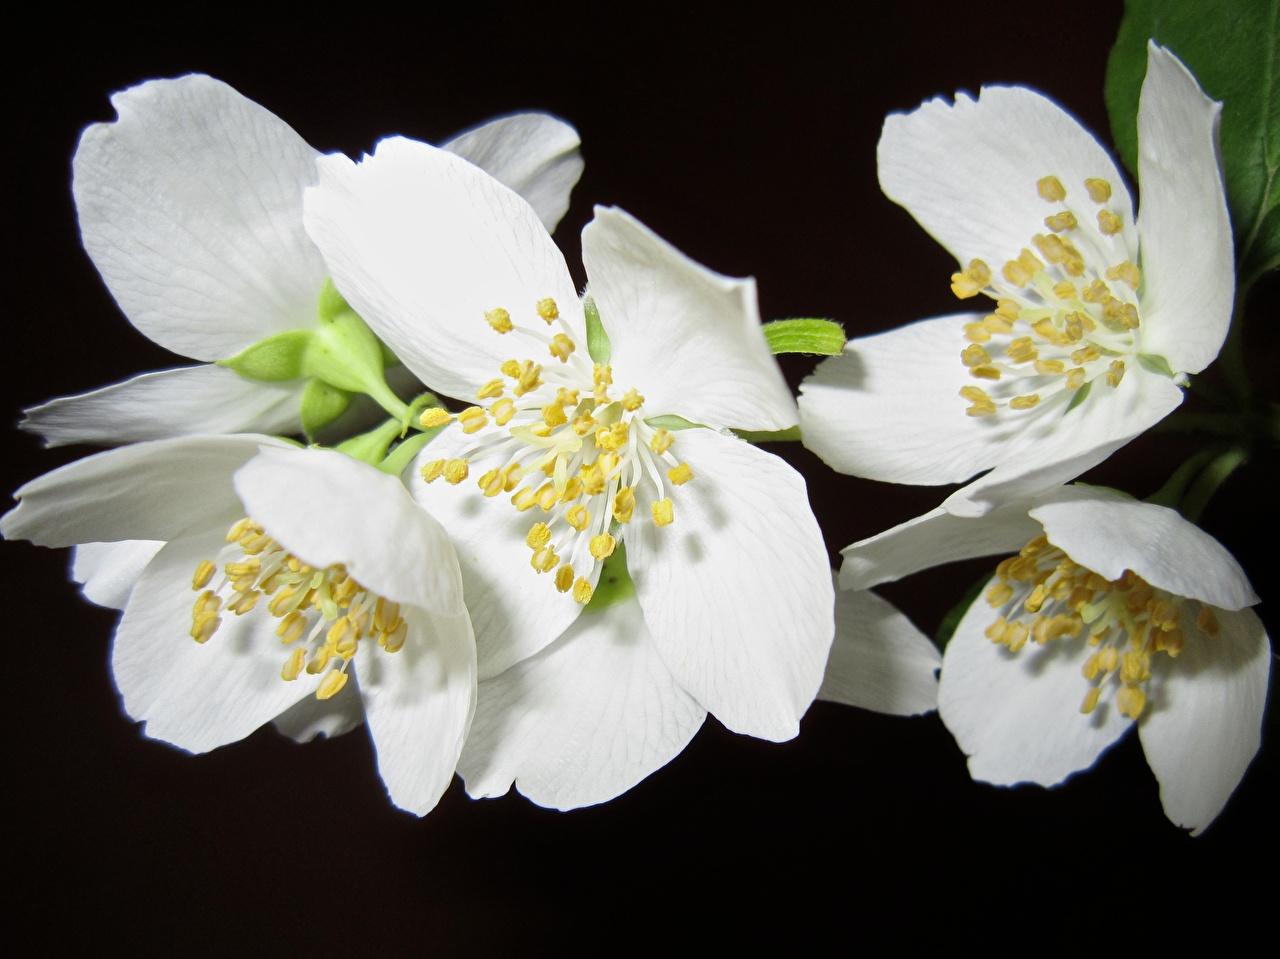 Картинка Жасмин Белый цветок на черном фоне Крупным планом белых белые белая Цветы вблизи Черный фон